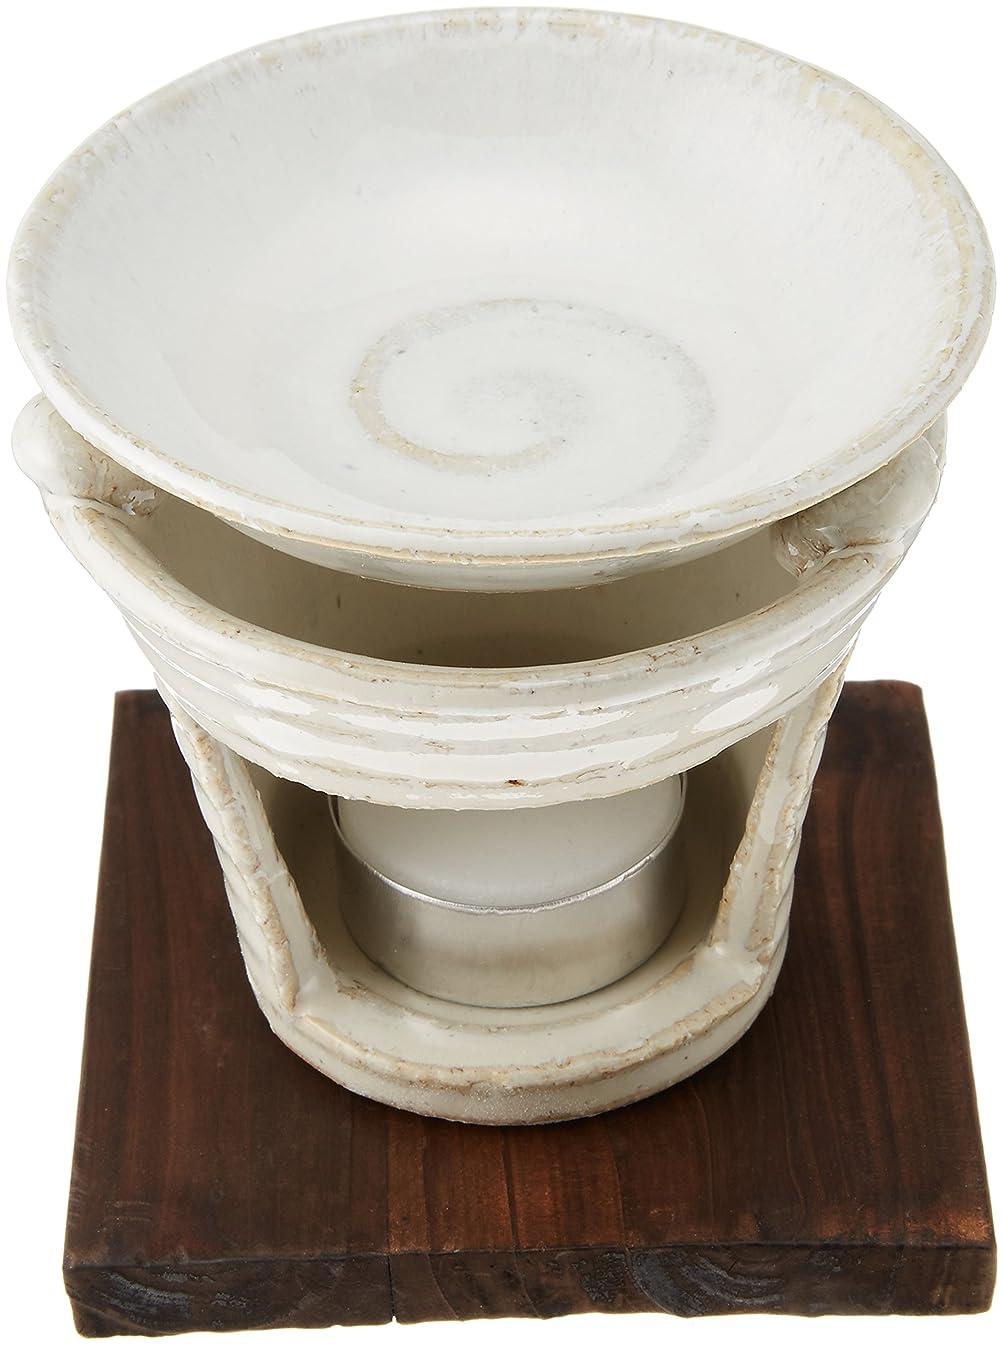 手首生き物完全に香炉 茶香炉 白萩 [H10cm] プレゼント ギフト 和食器 かわいい インテリア